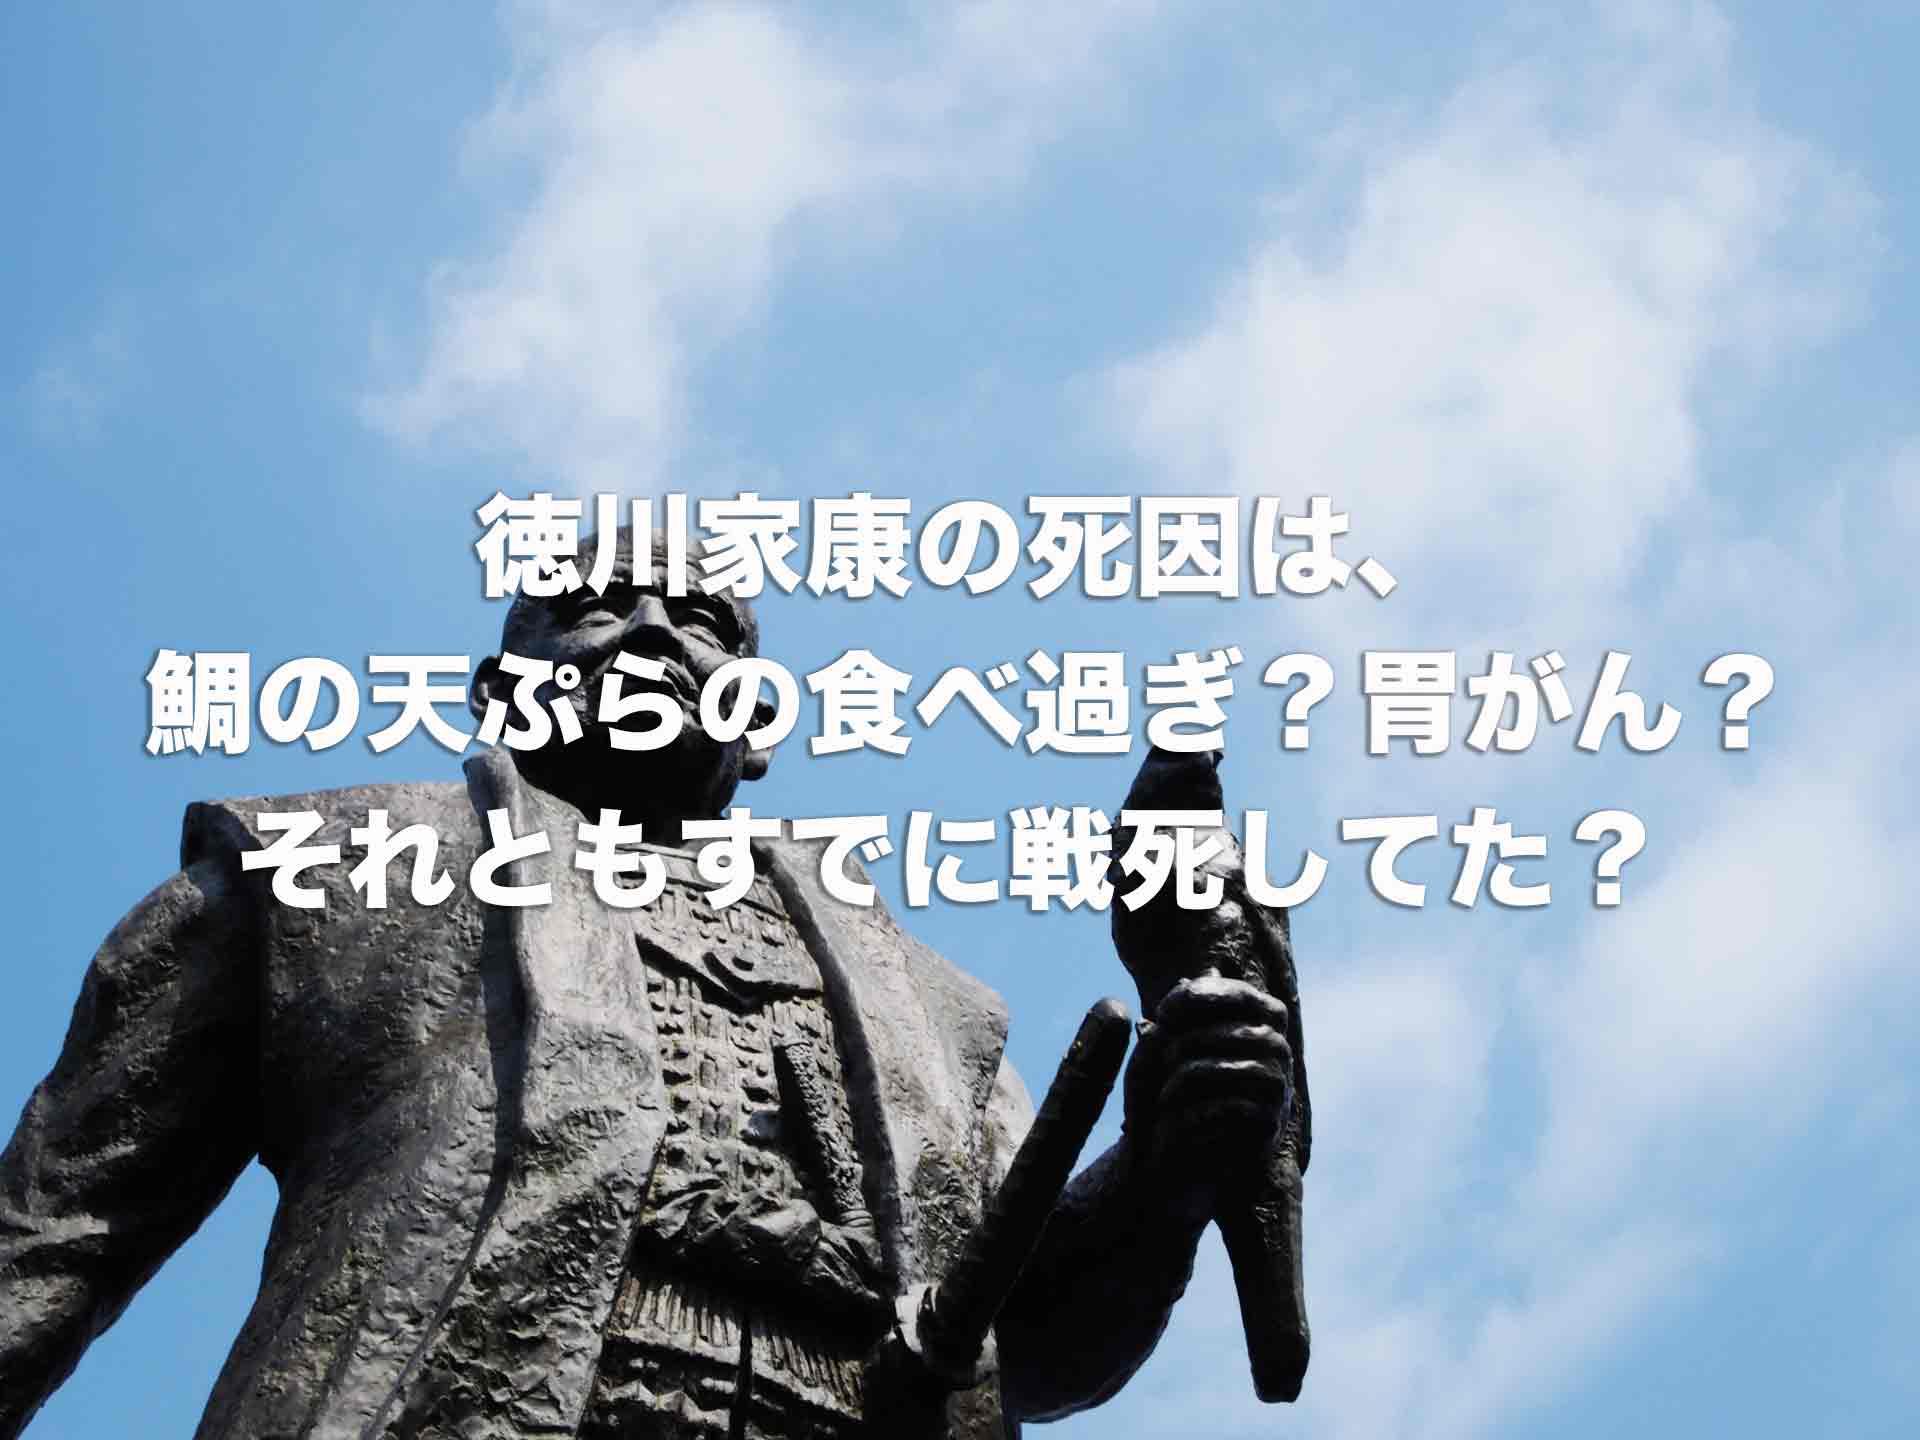 徳川家康の死因は鯛の天ぷらの食べ過ぎ?胃がん?それともすでに戦死してた?